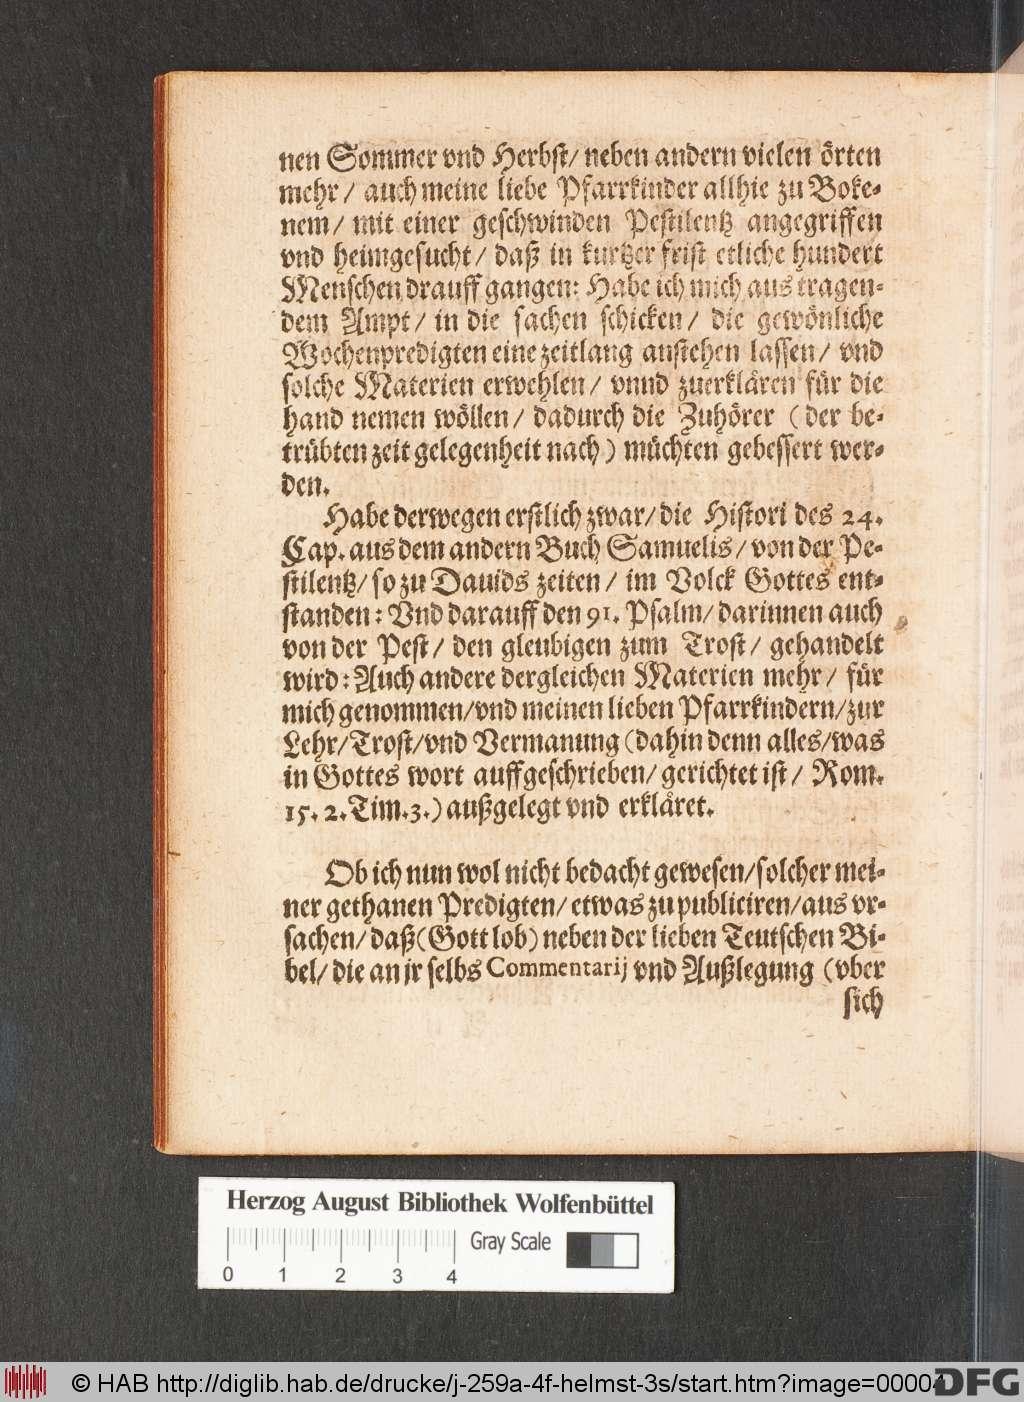 http://diglib.hab.de/drucke/j-259a-4f-helmst-3s/00004.jpg